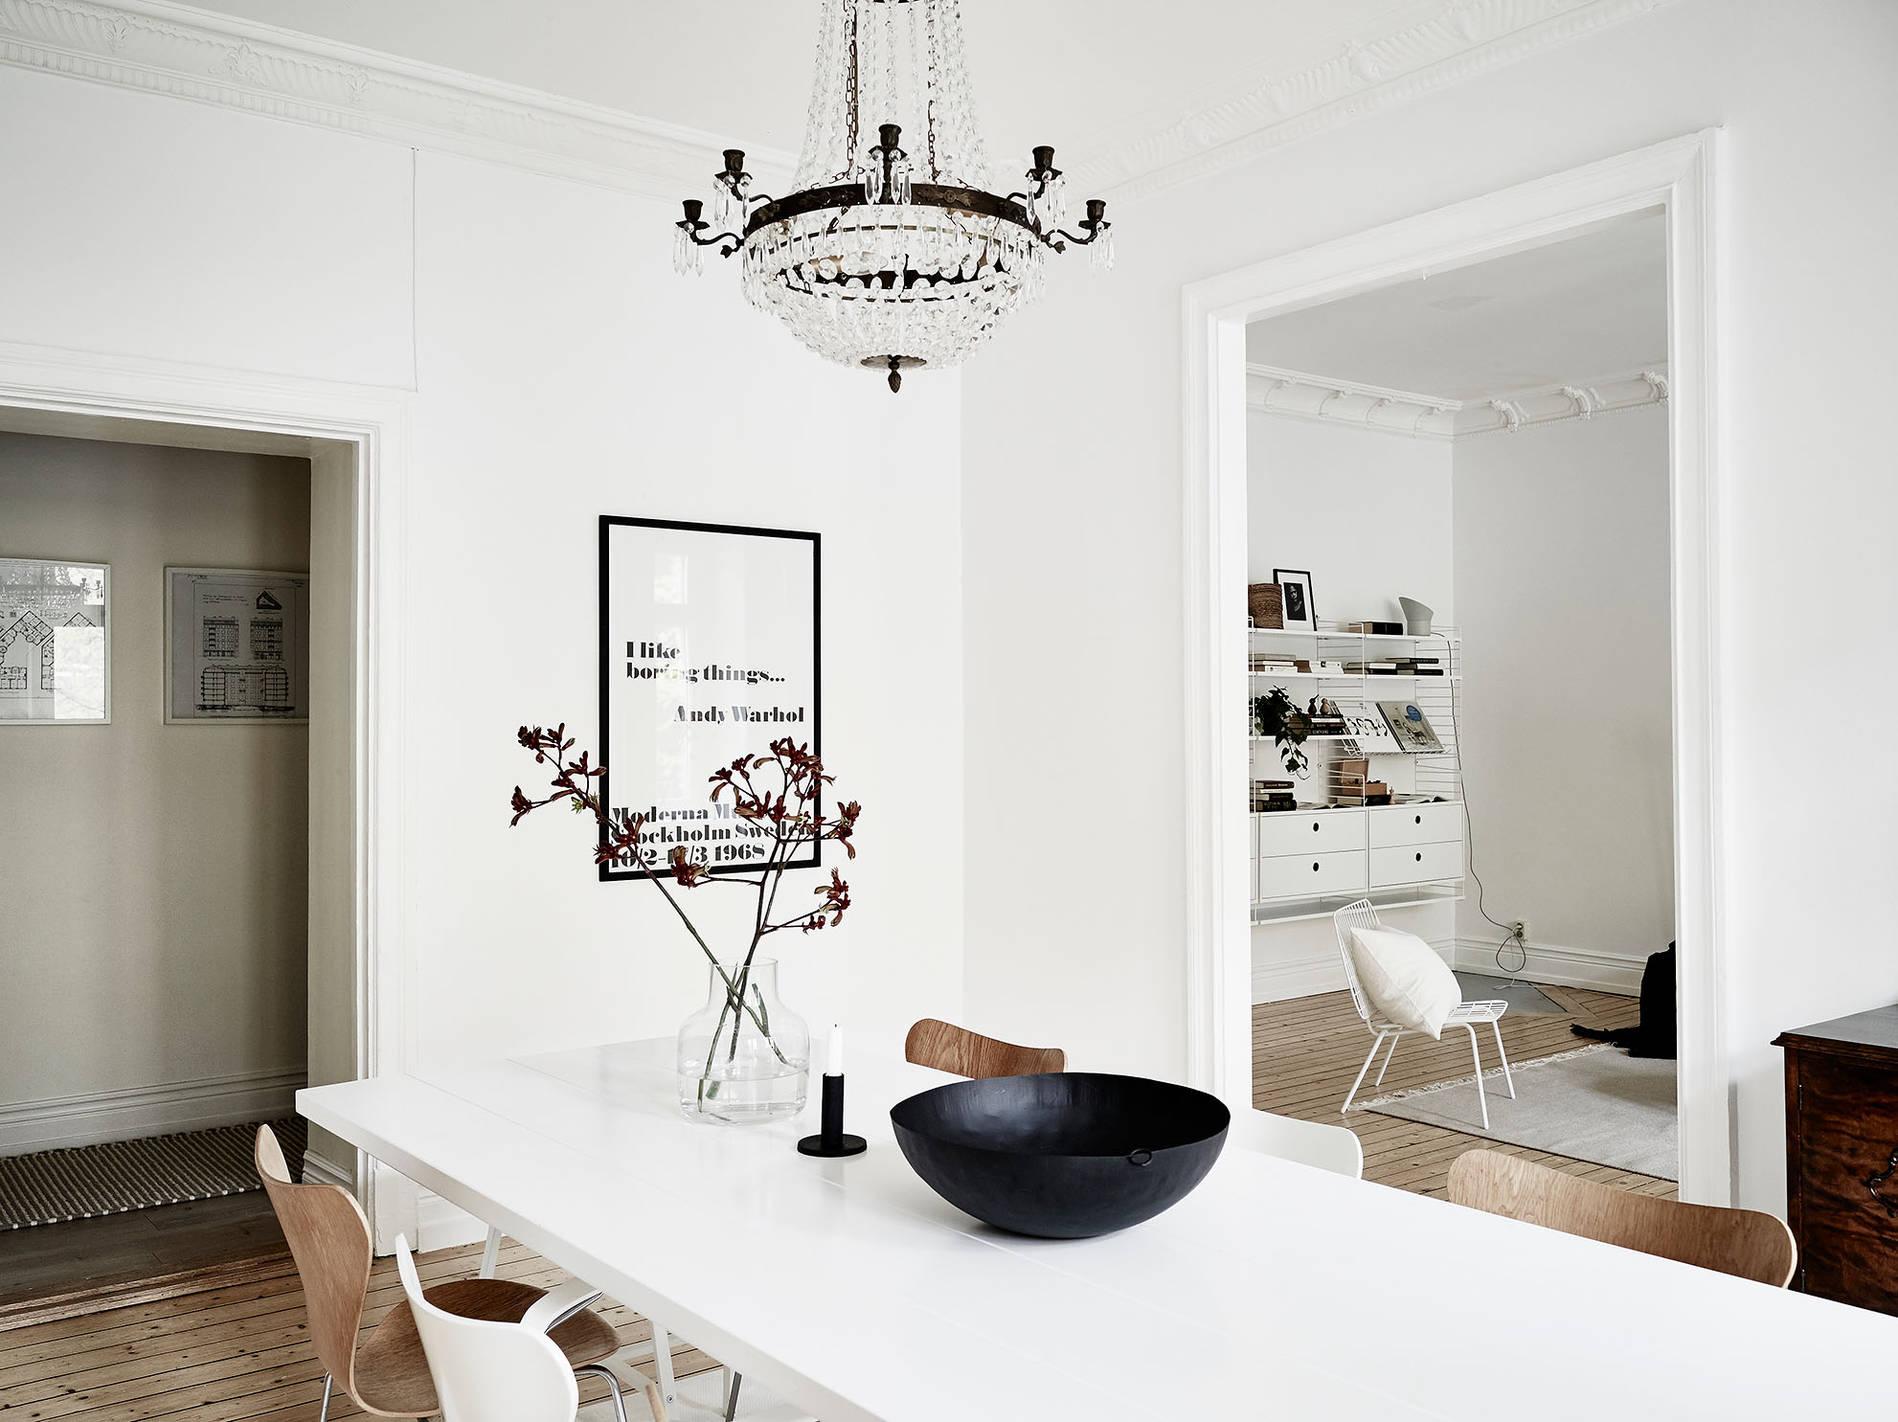 L mparas colgantes de cristal blog tienda decoraci n for Modelos de lamparas